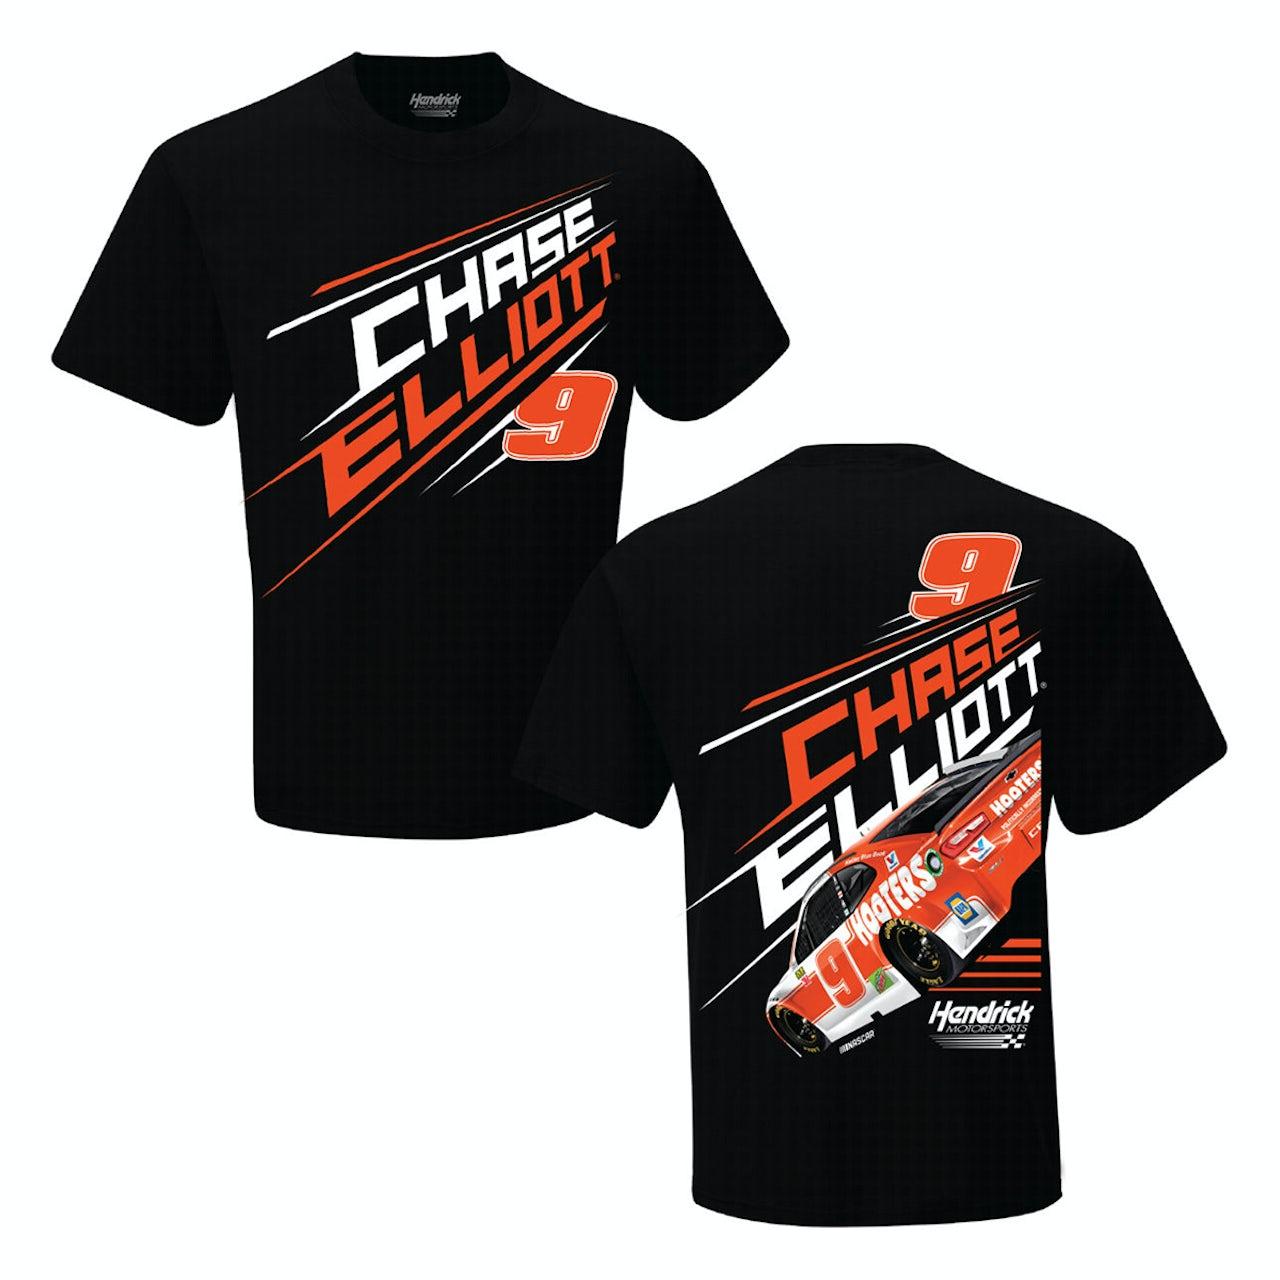 Chase Elliott T Shirt >> Hendrick Motorsports Chase Elliott 9 2019 Nascar Hooters 2 Spot T Shirt